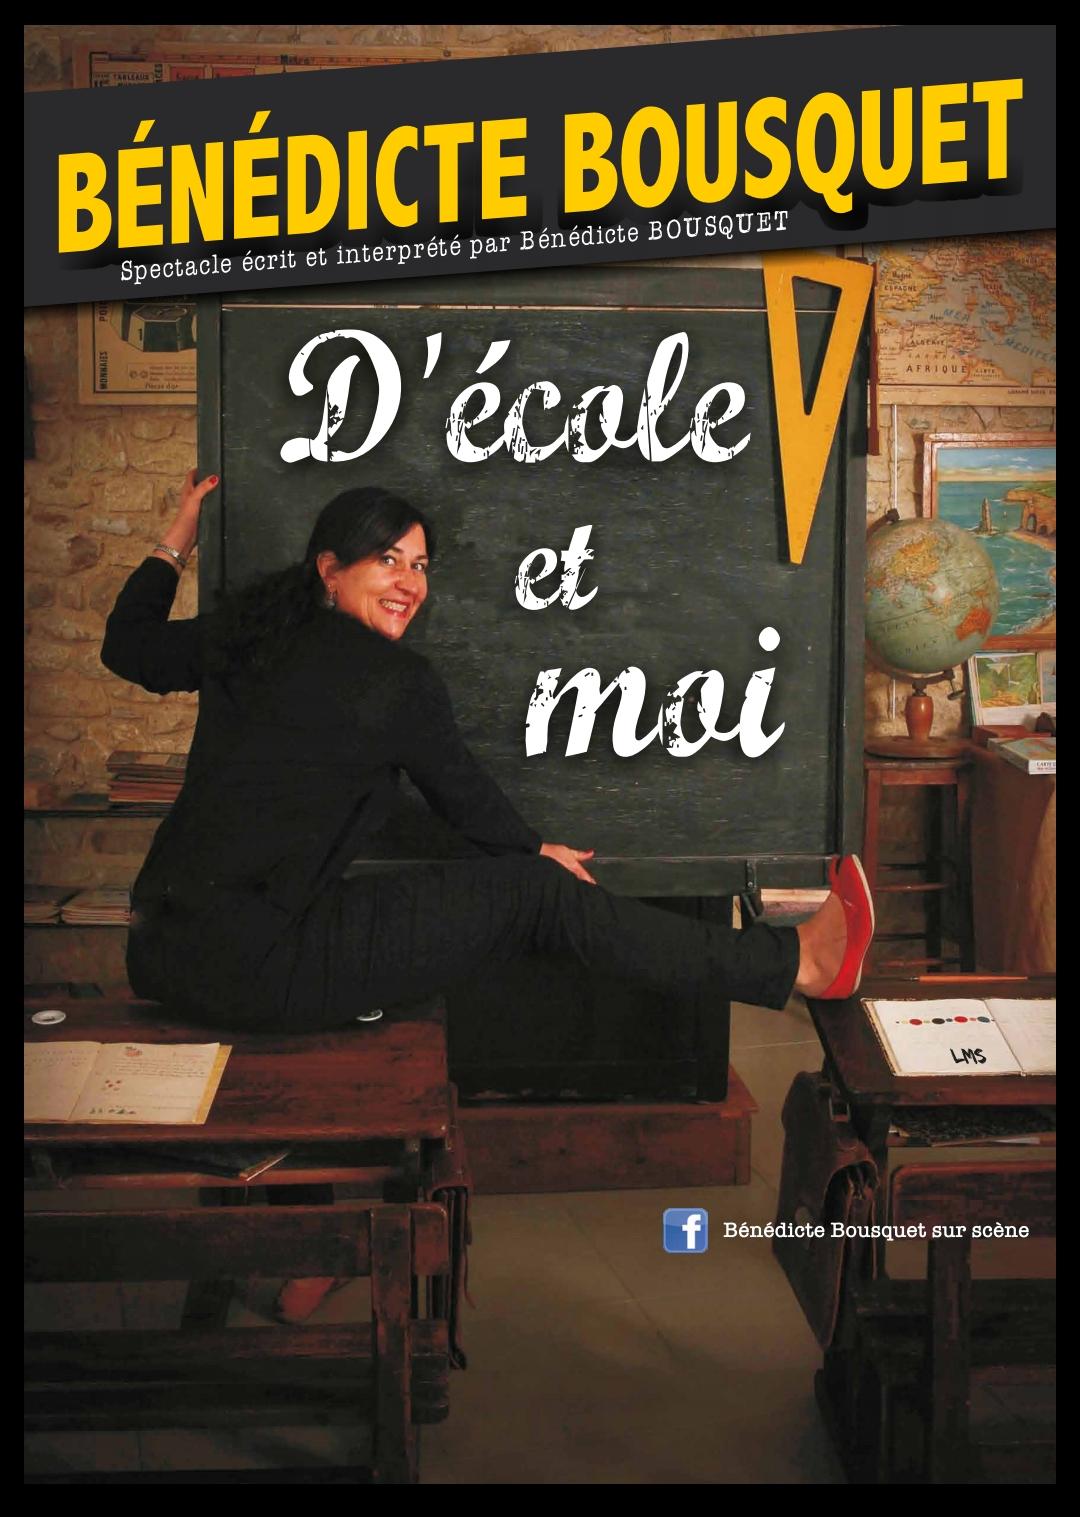 Benedicte Bousquet